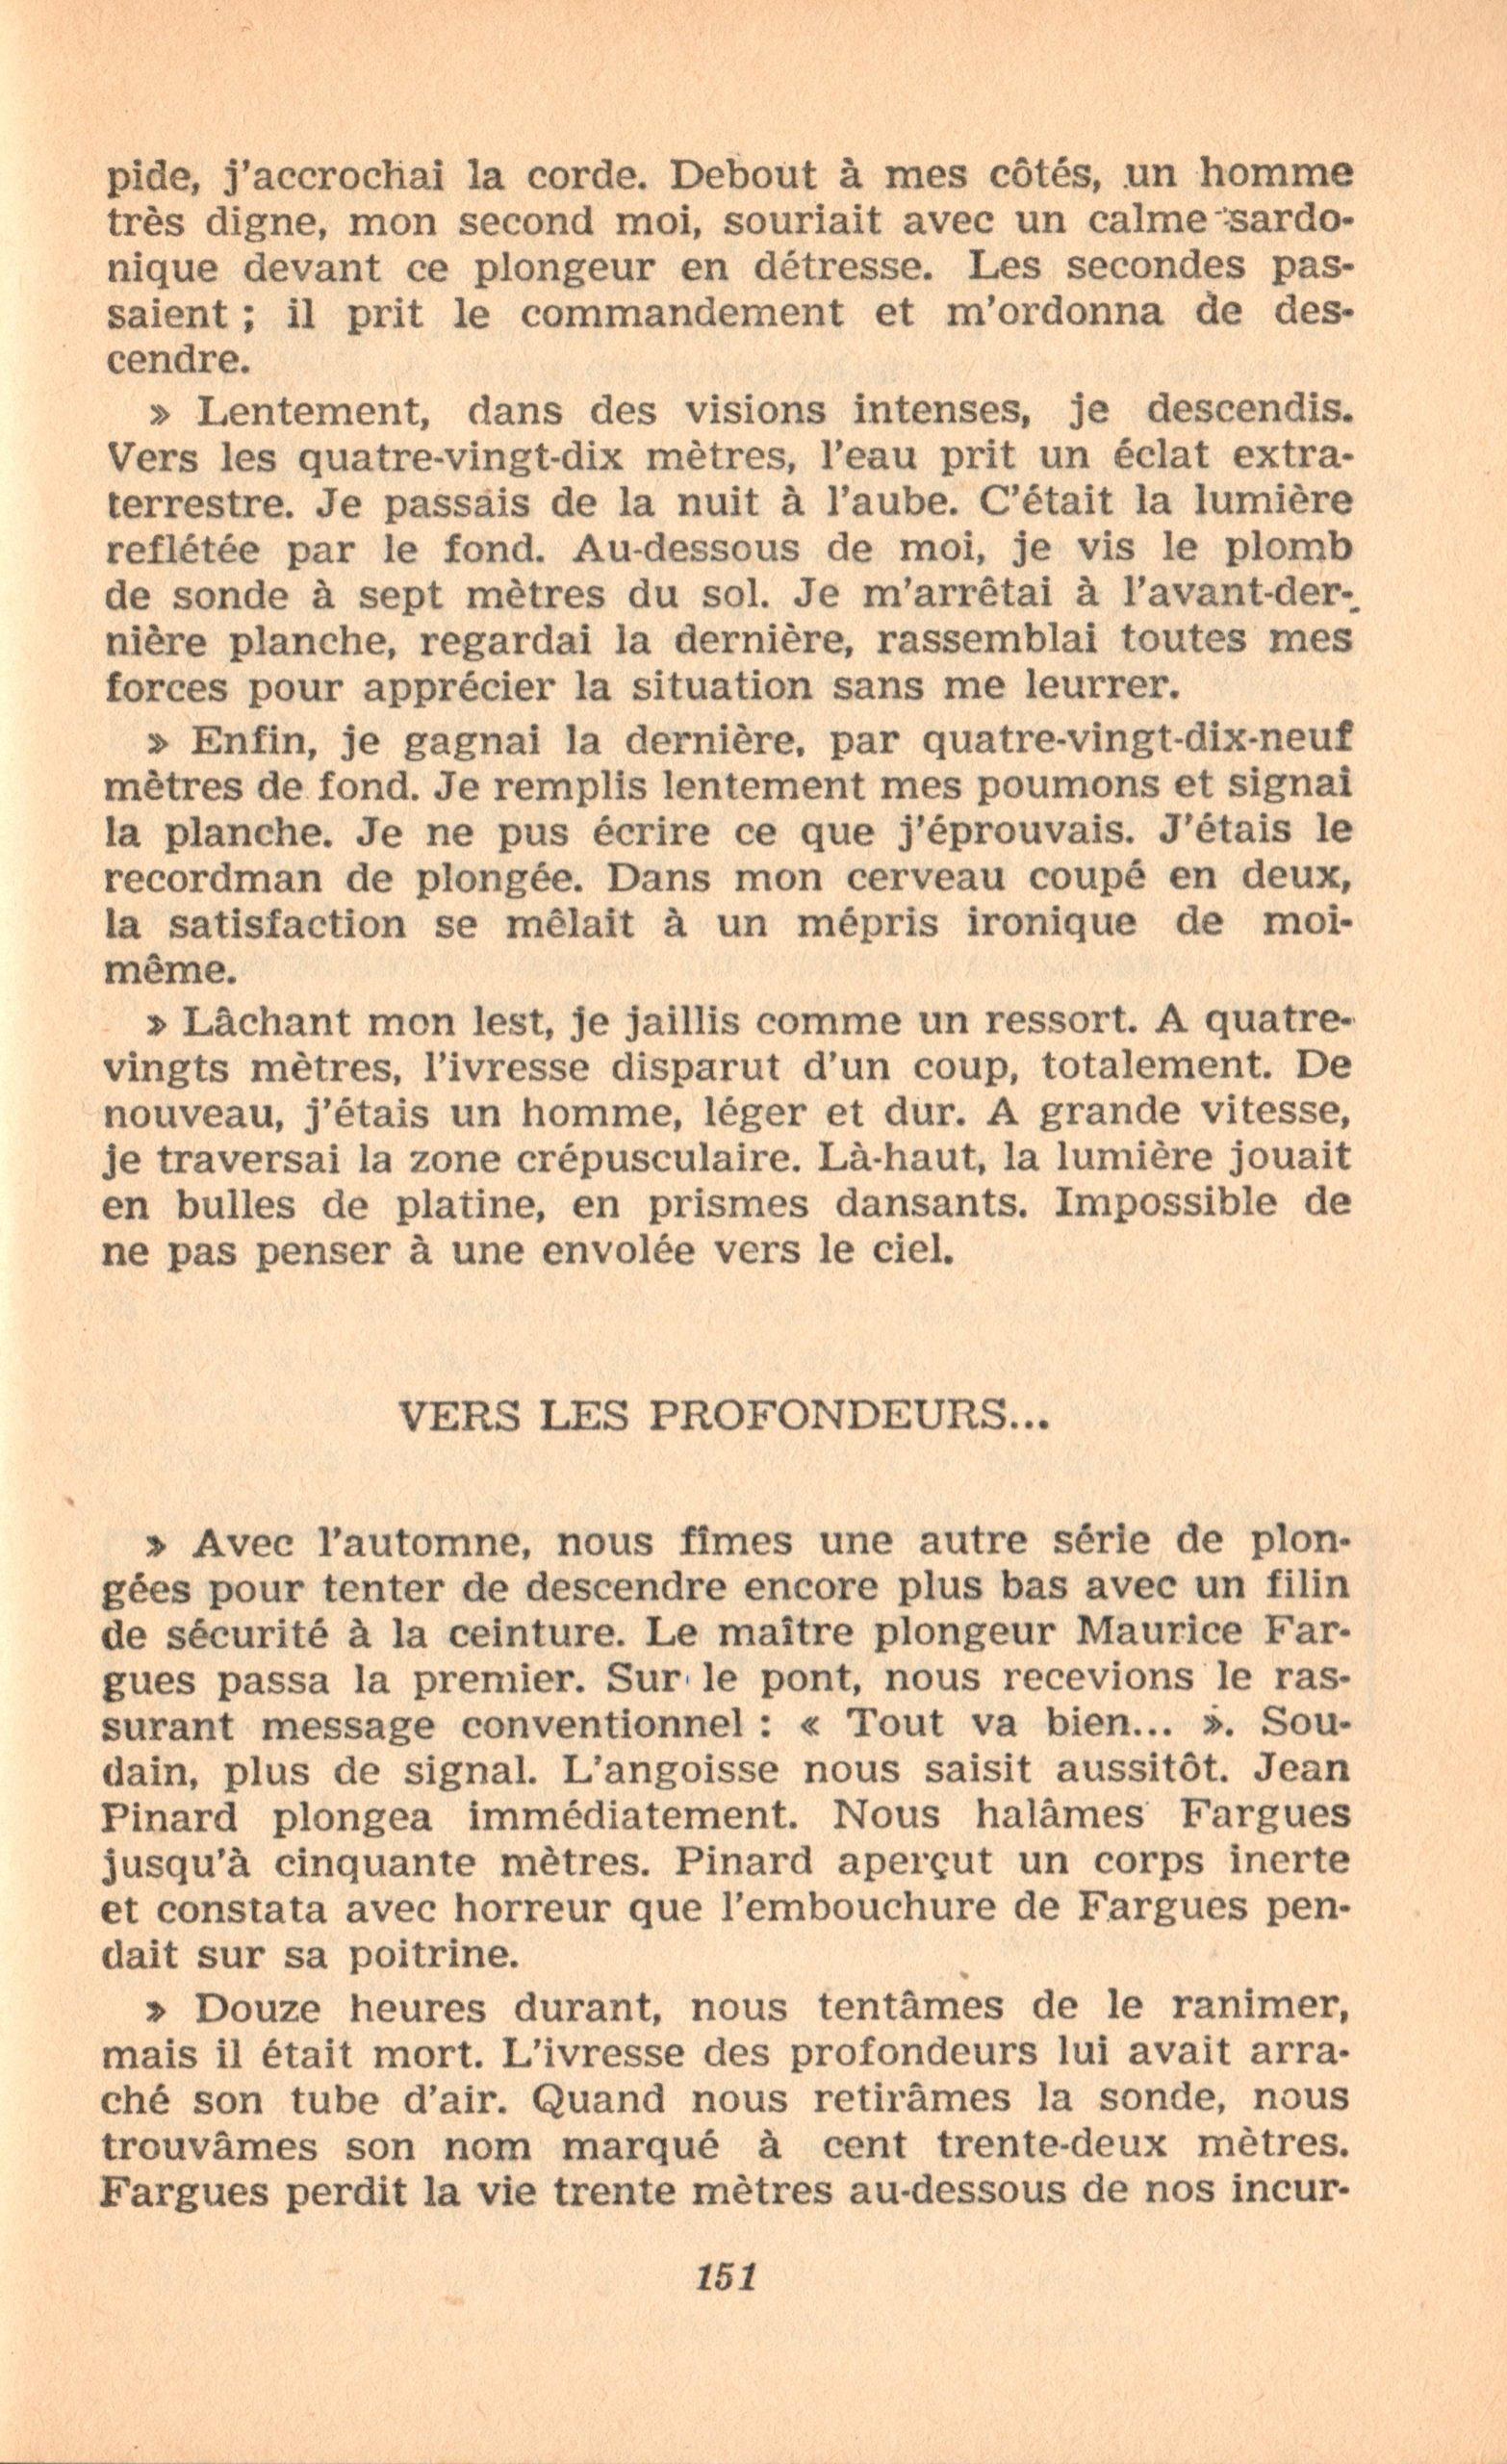 p151, La conquête des fonds sous-marins, marabout chercheur